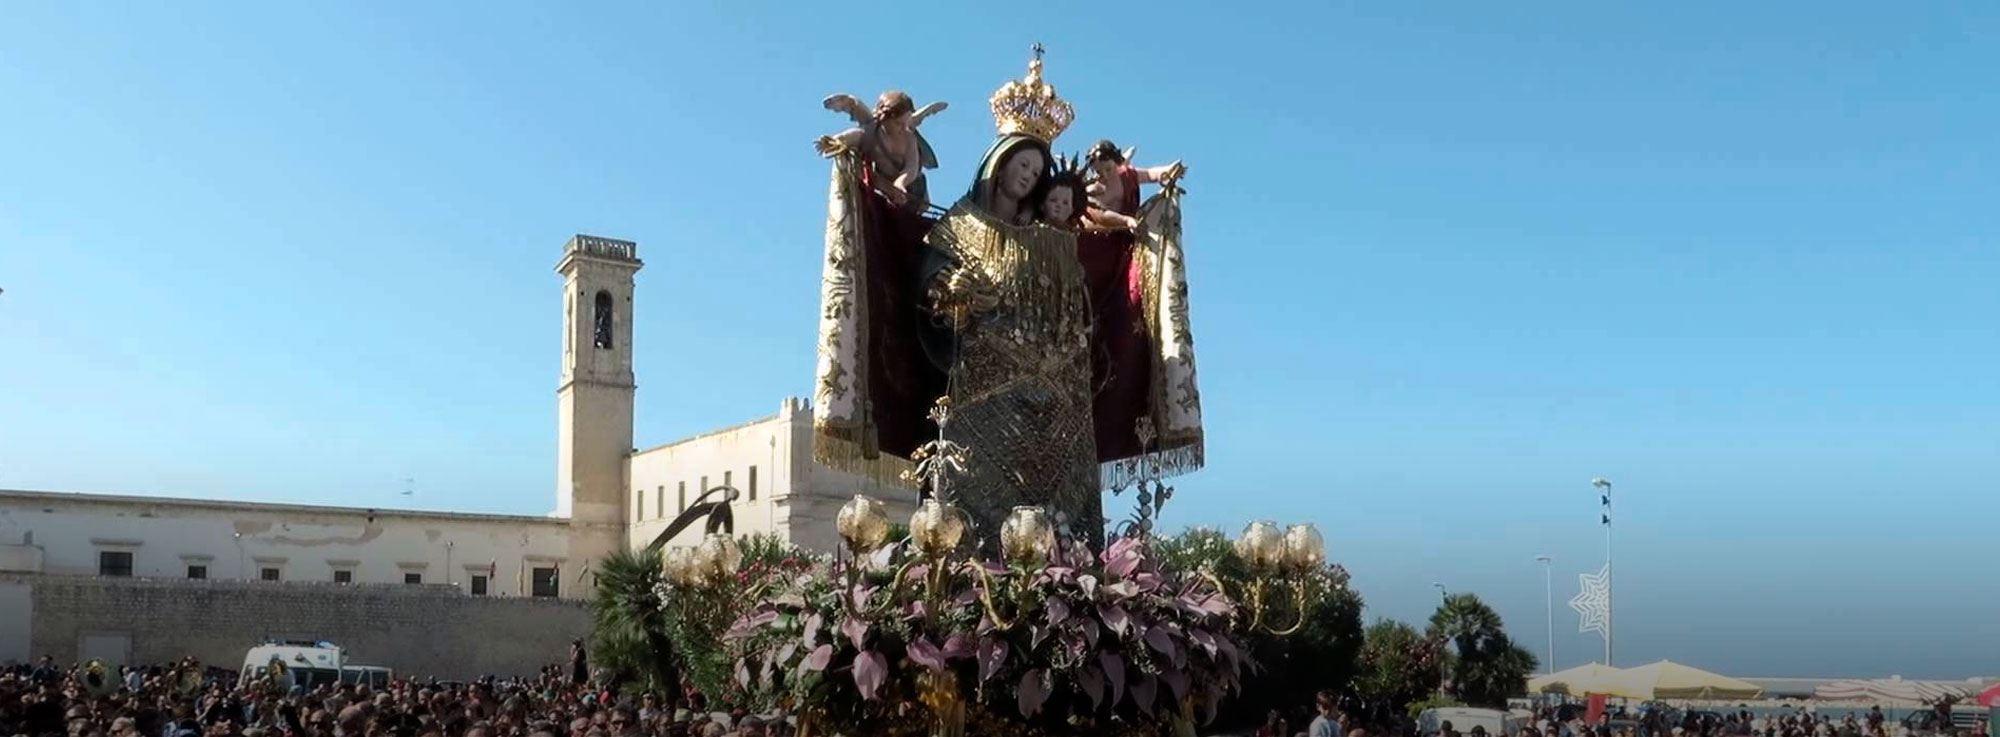 Molfetta: Festa della Madonna dei Martiri